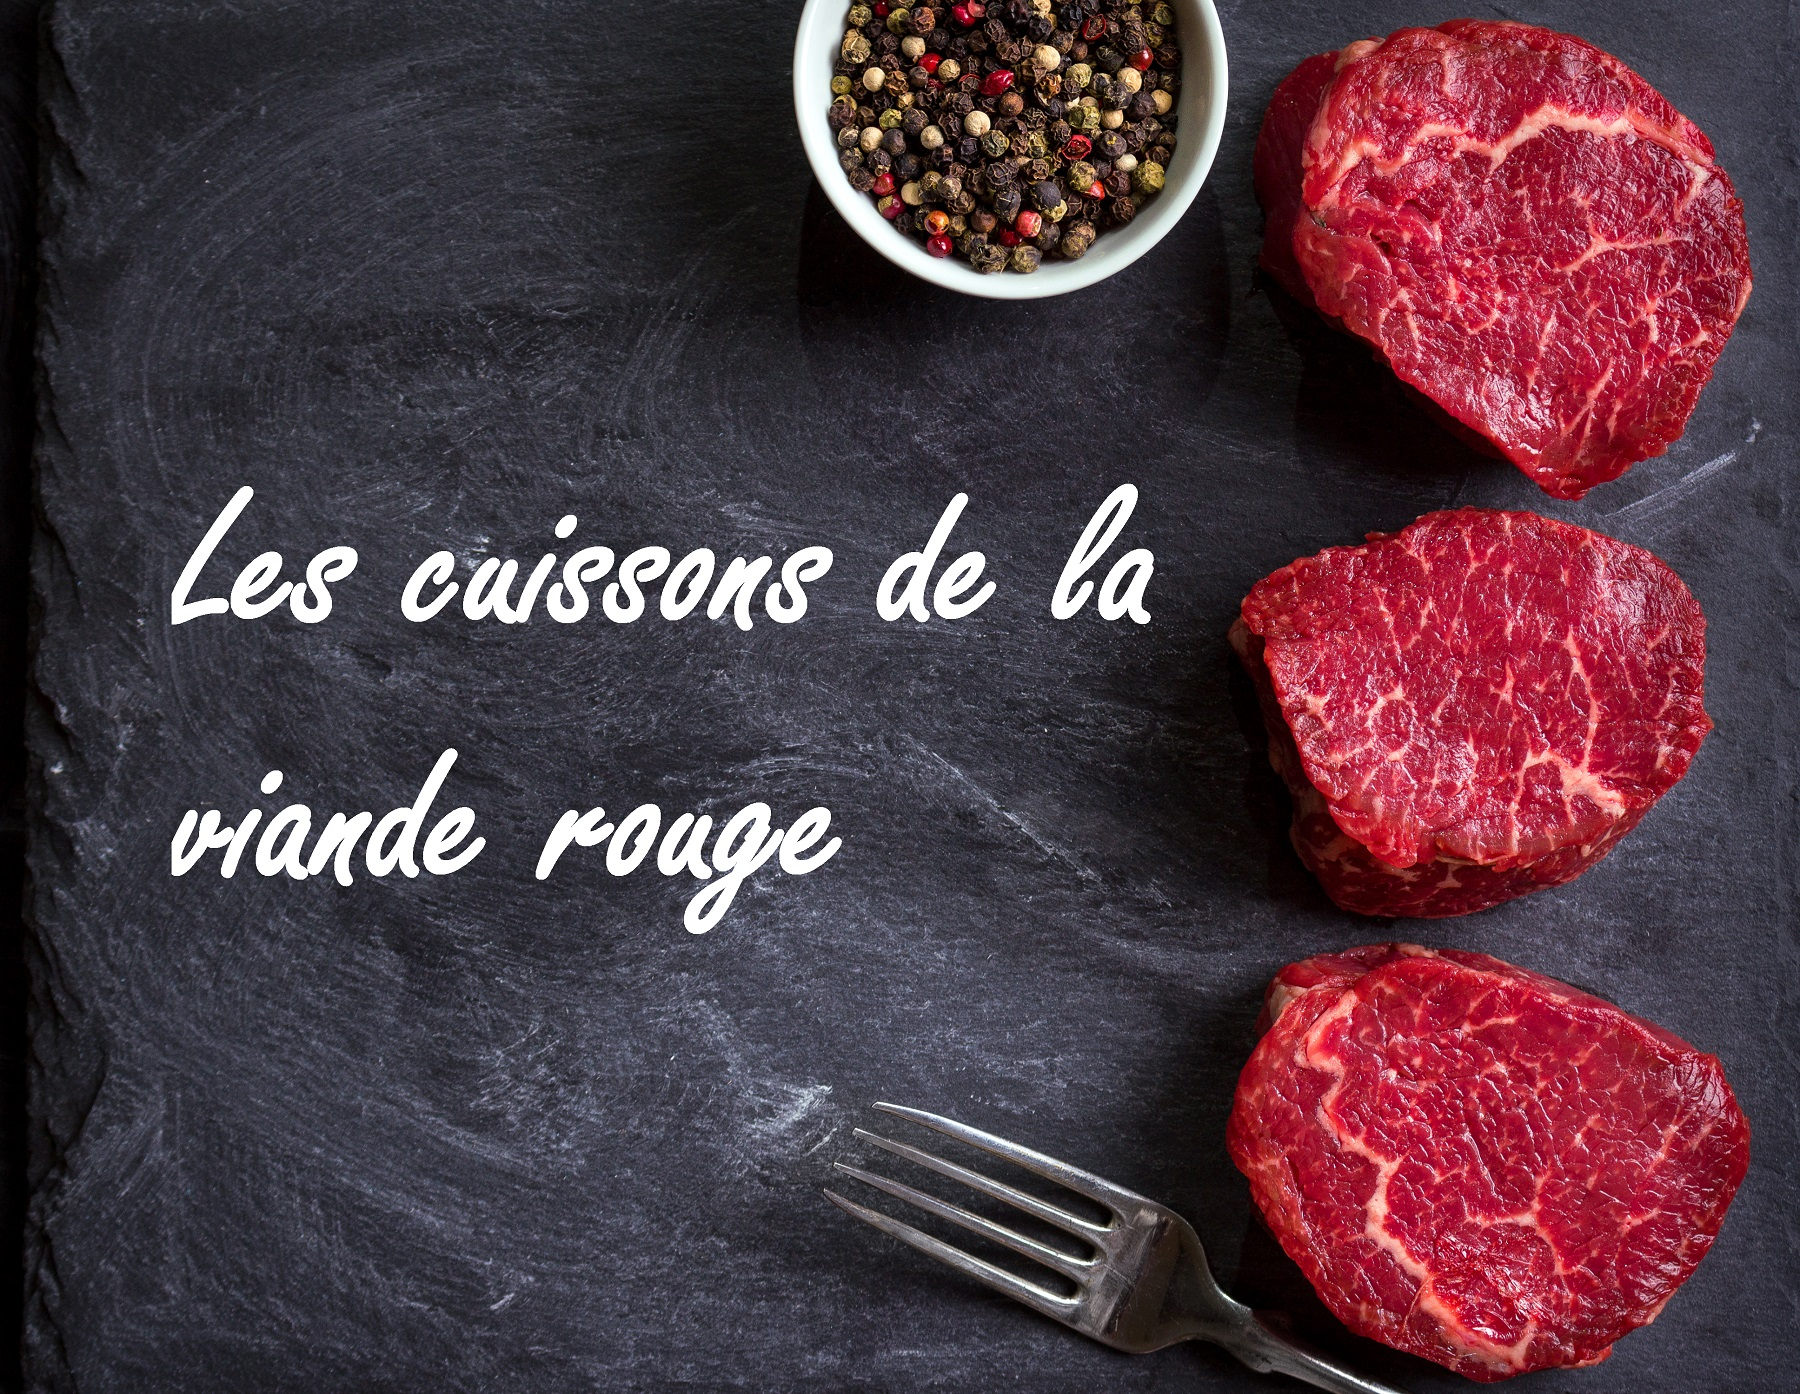 Les cuissons de la viande rouge